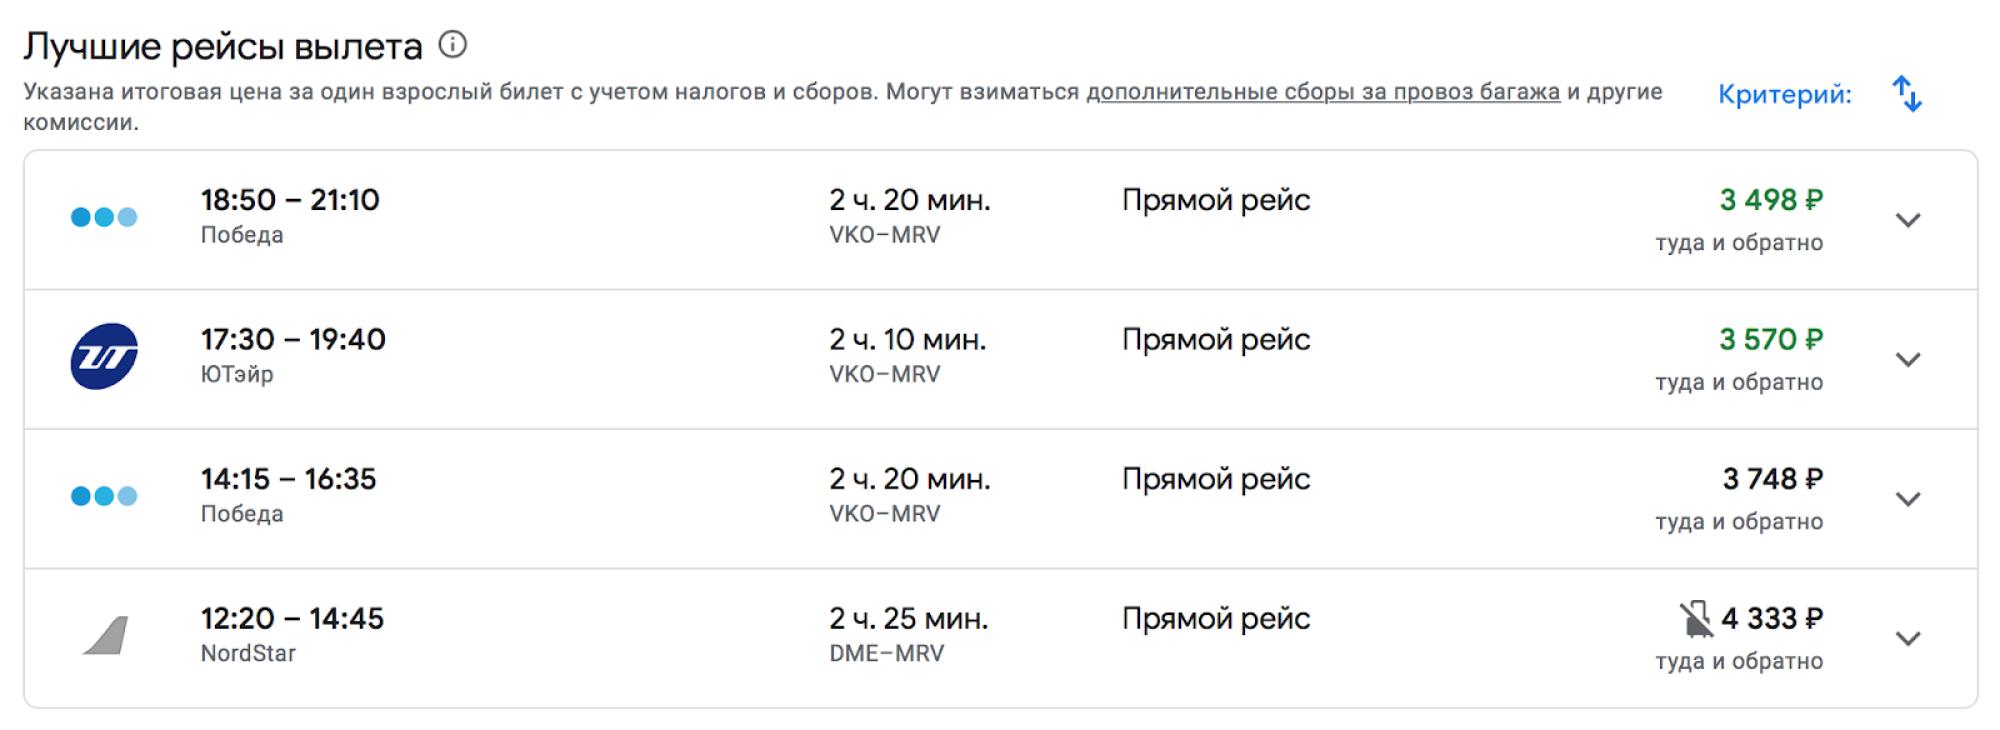 Цены на авиабилеты экономкласса с вылетом из Москвы 11 марта 2021года и возвращением из Минеральных Вод 18 марта. Источник: google.com